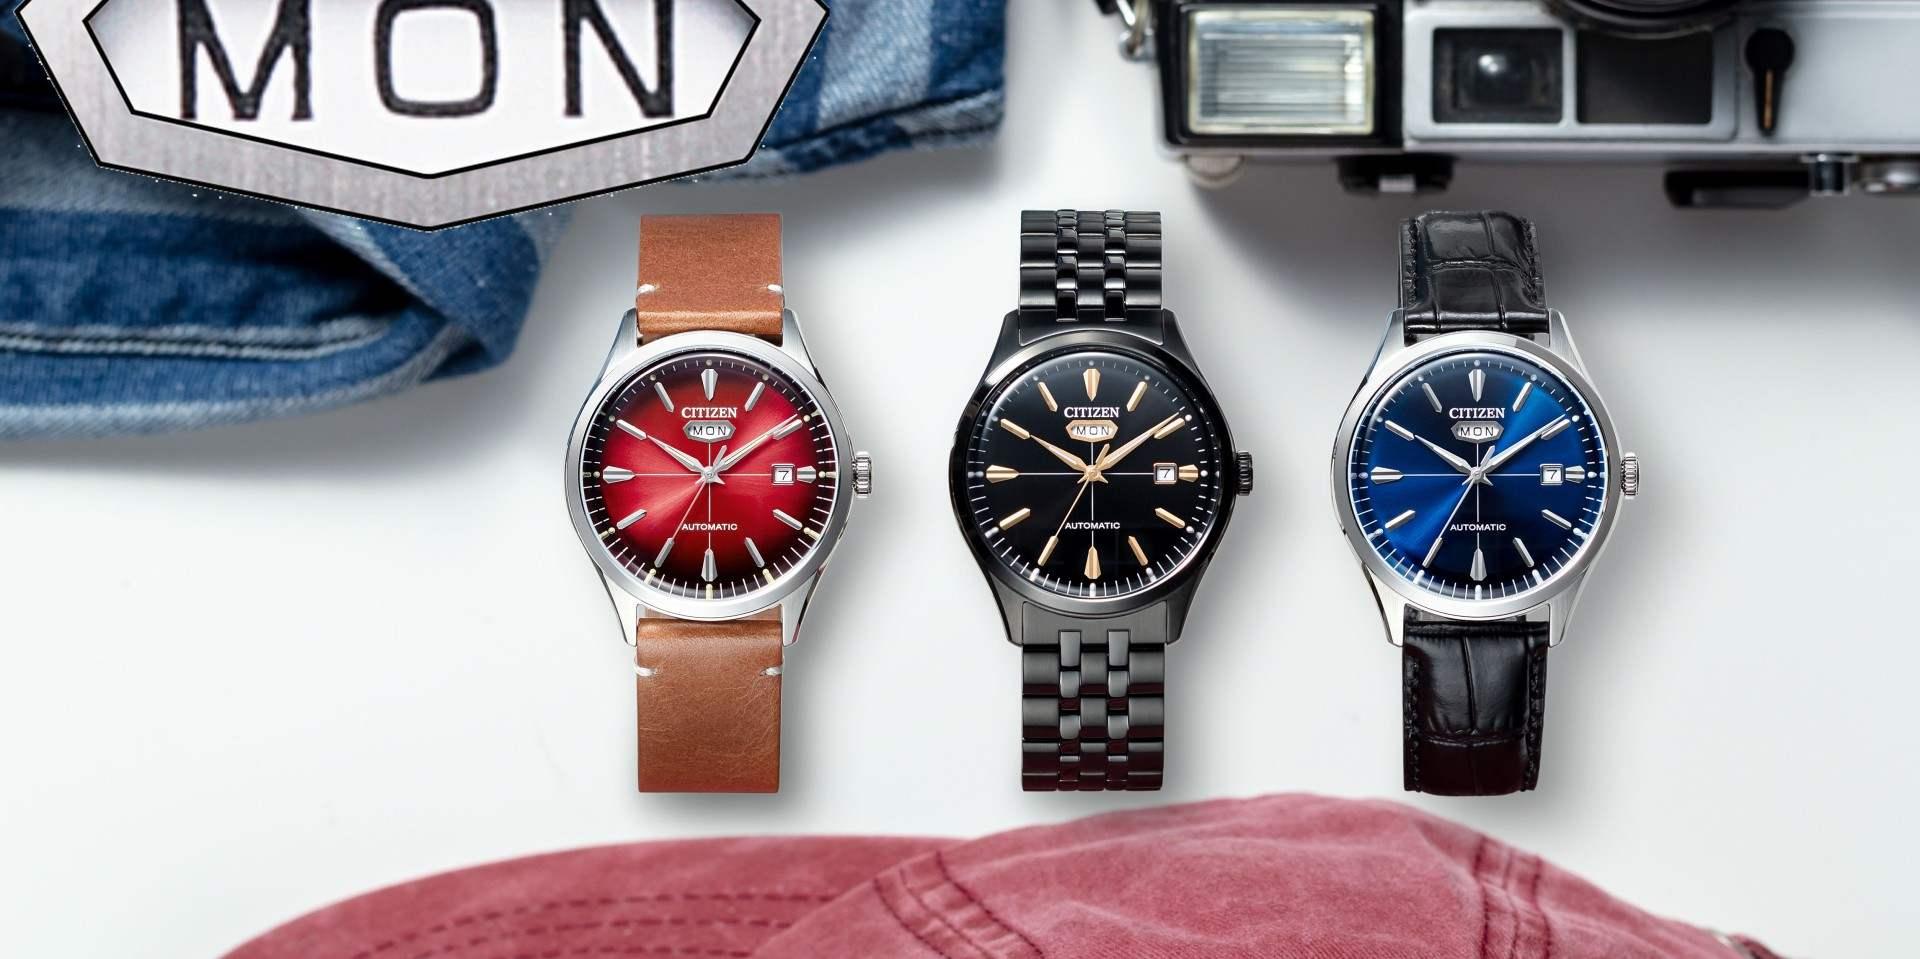 重芯啟動新風尚潮流:CITIZEN推出經典機械機芯的C7 復刻腕錶與PROMASTER鋼鐵河豚EX